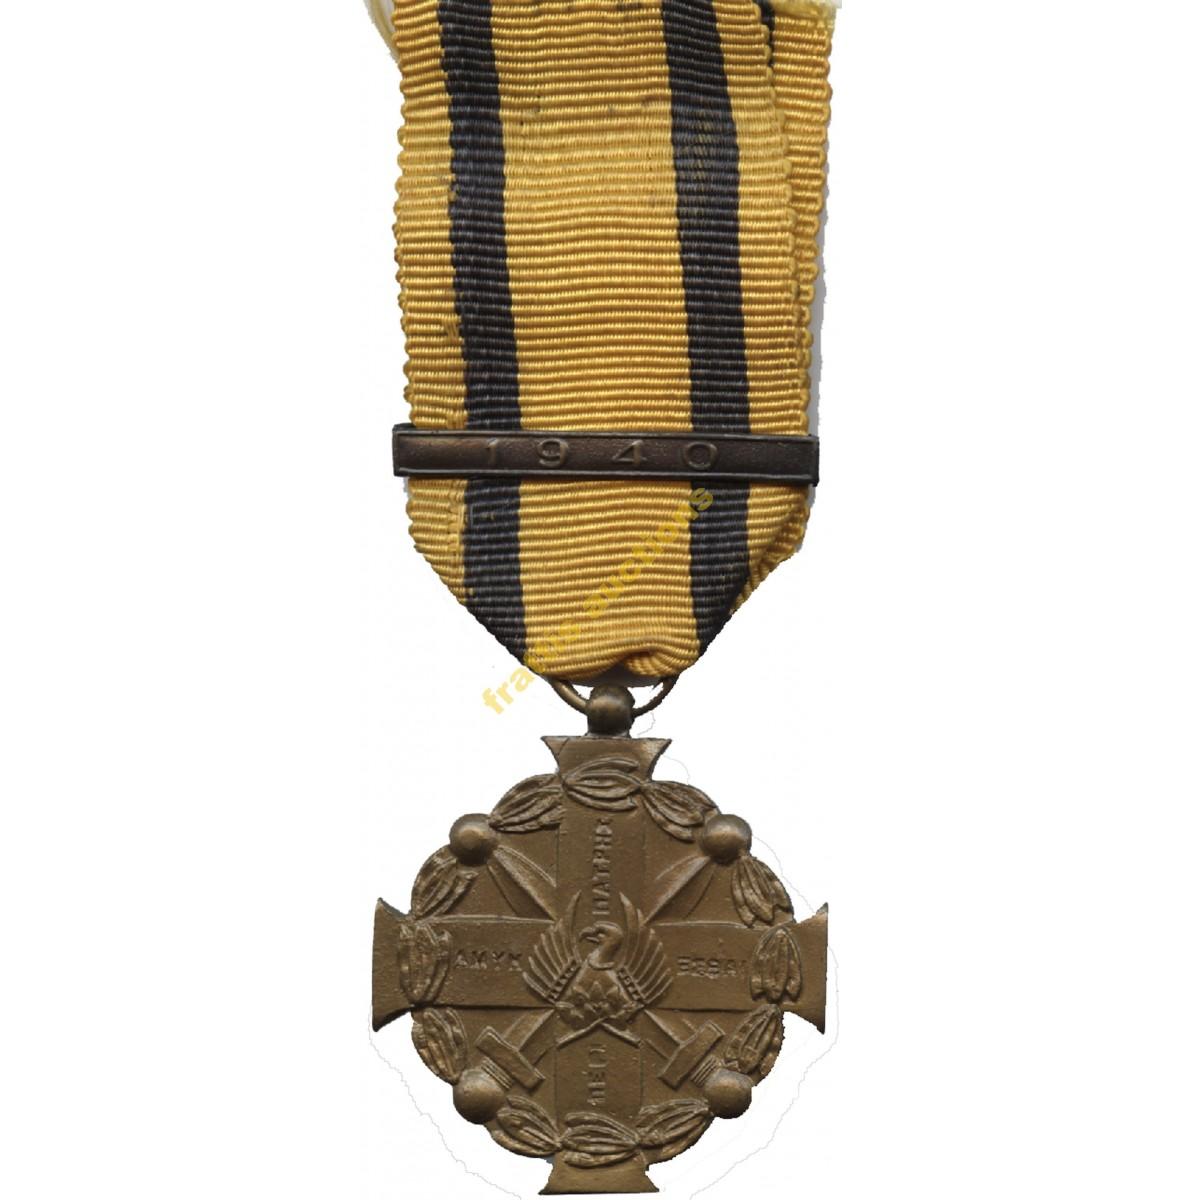 Μετάλλιο, 1916-1917